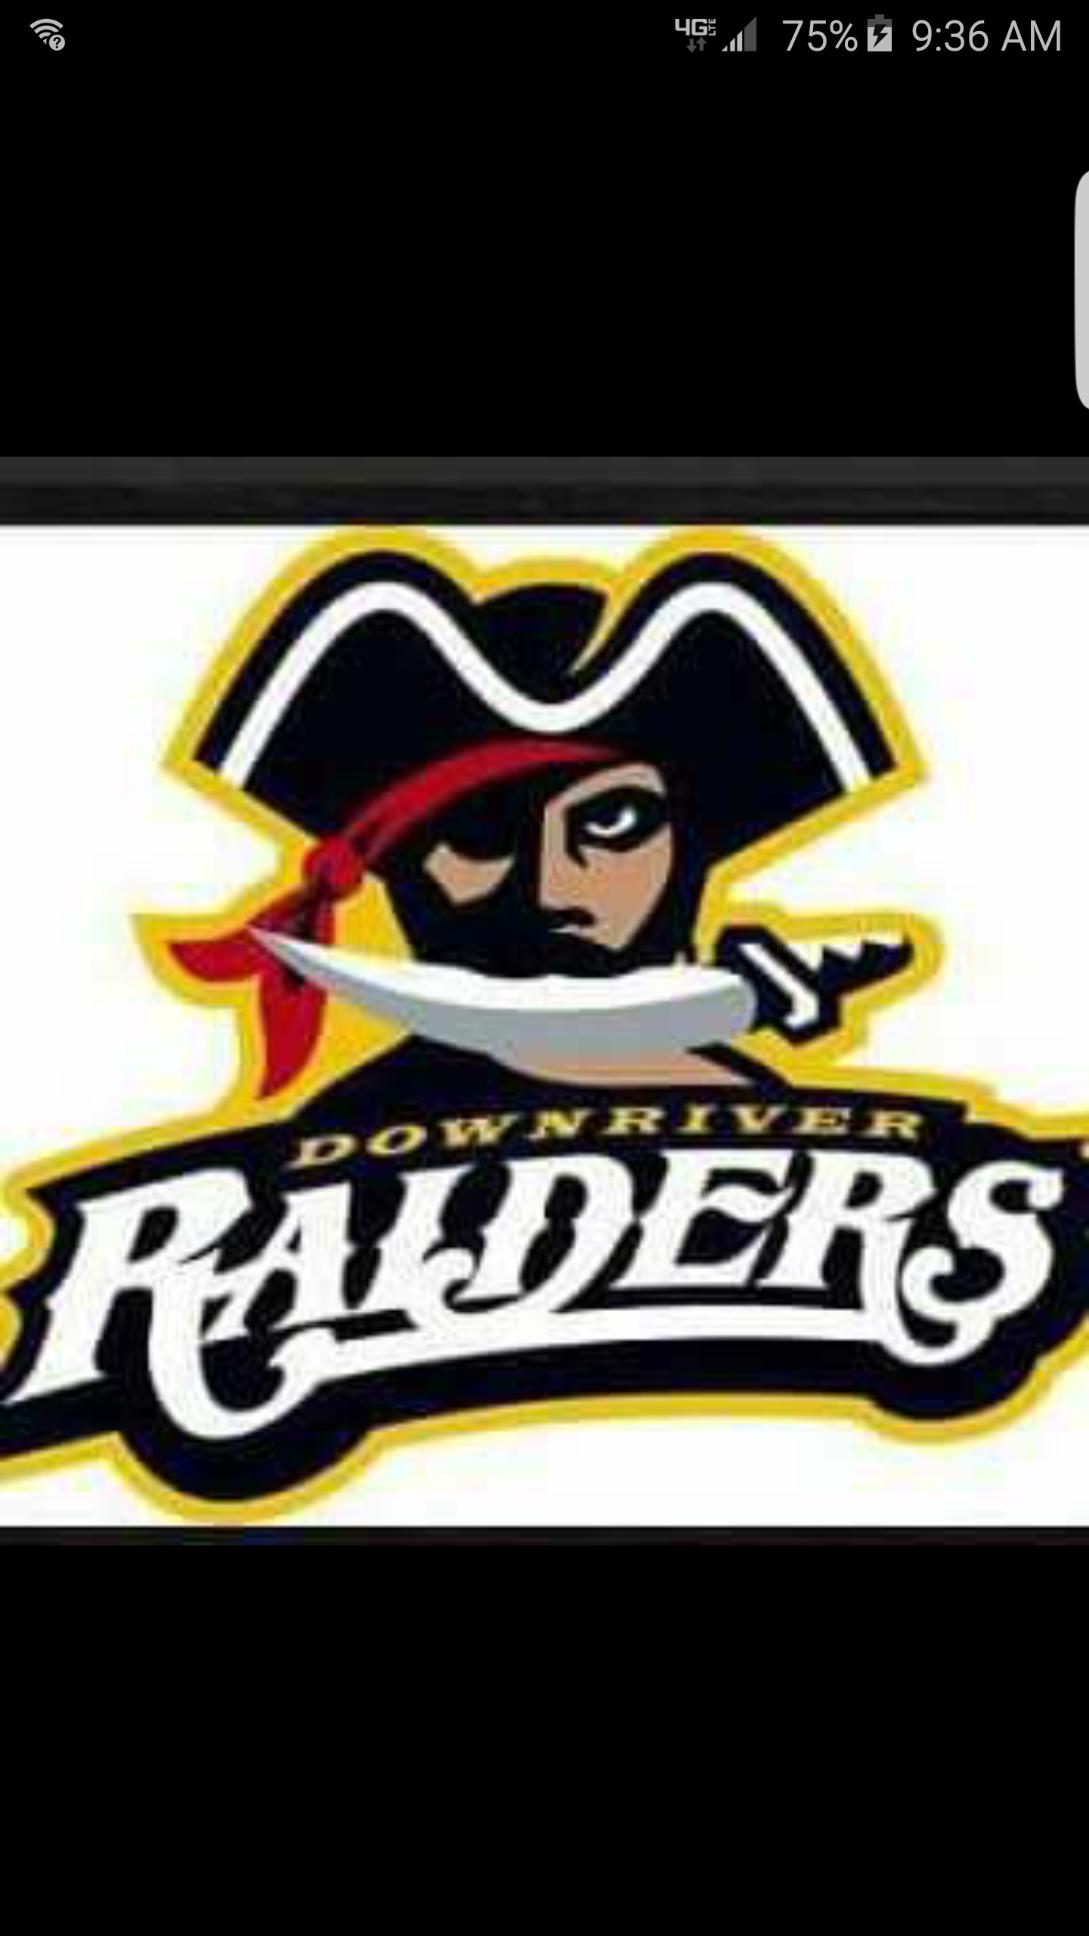 Downriver Raiders